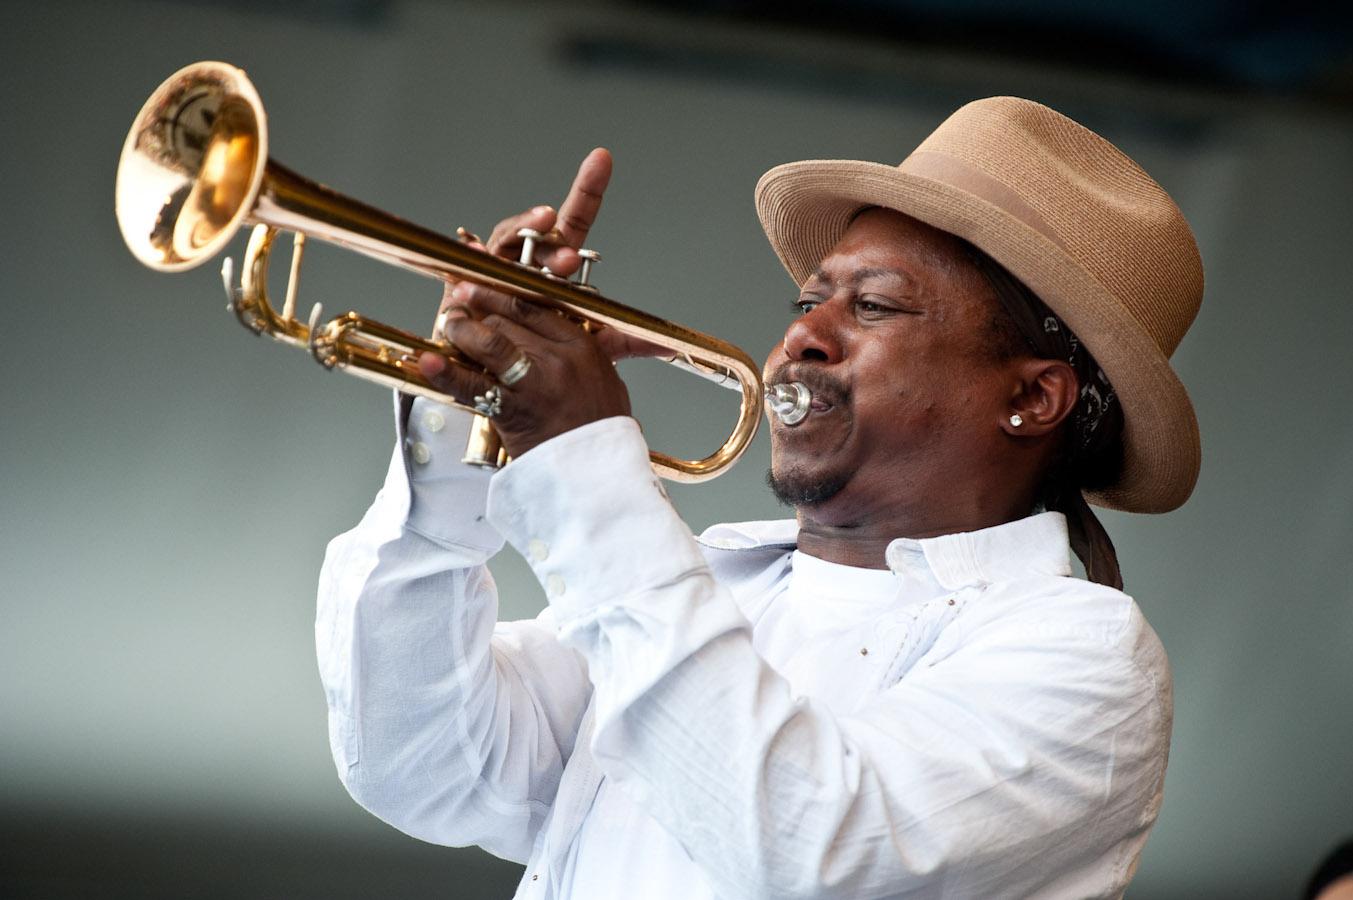 La storia del Jazz - Free Funk, World Jazz, Straight Ahead Jazz (anni Ottanta)